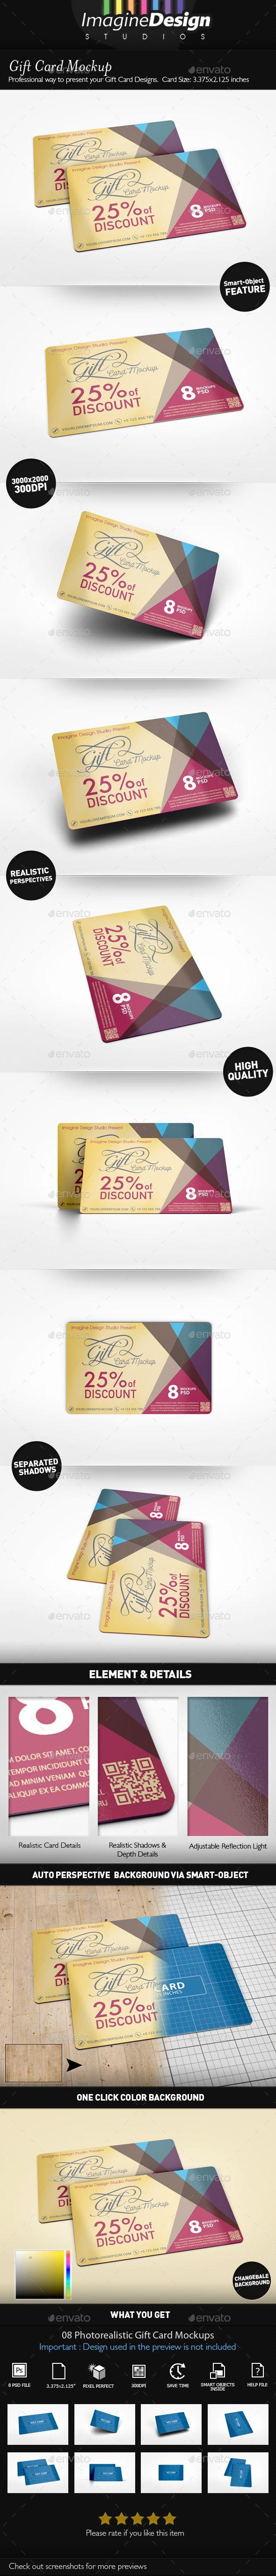 Gift Card Mockup | Mockup, Gift and Font logo